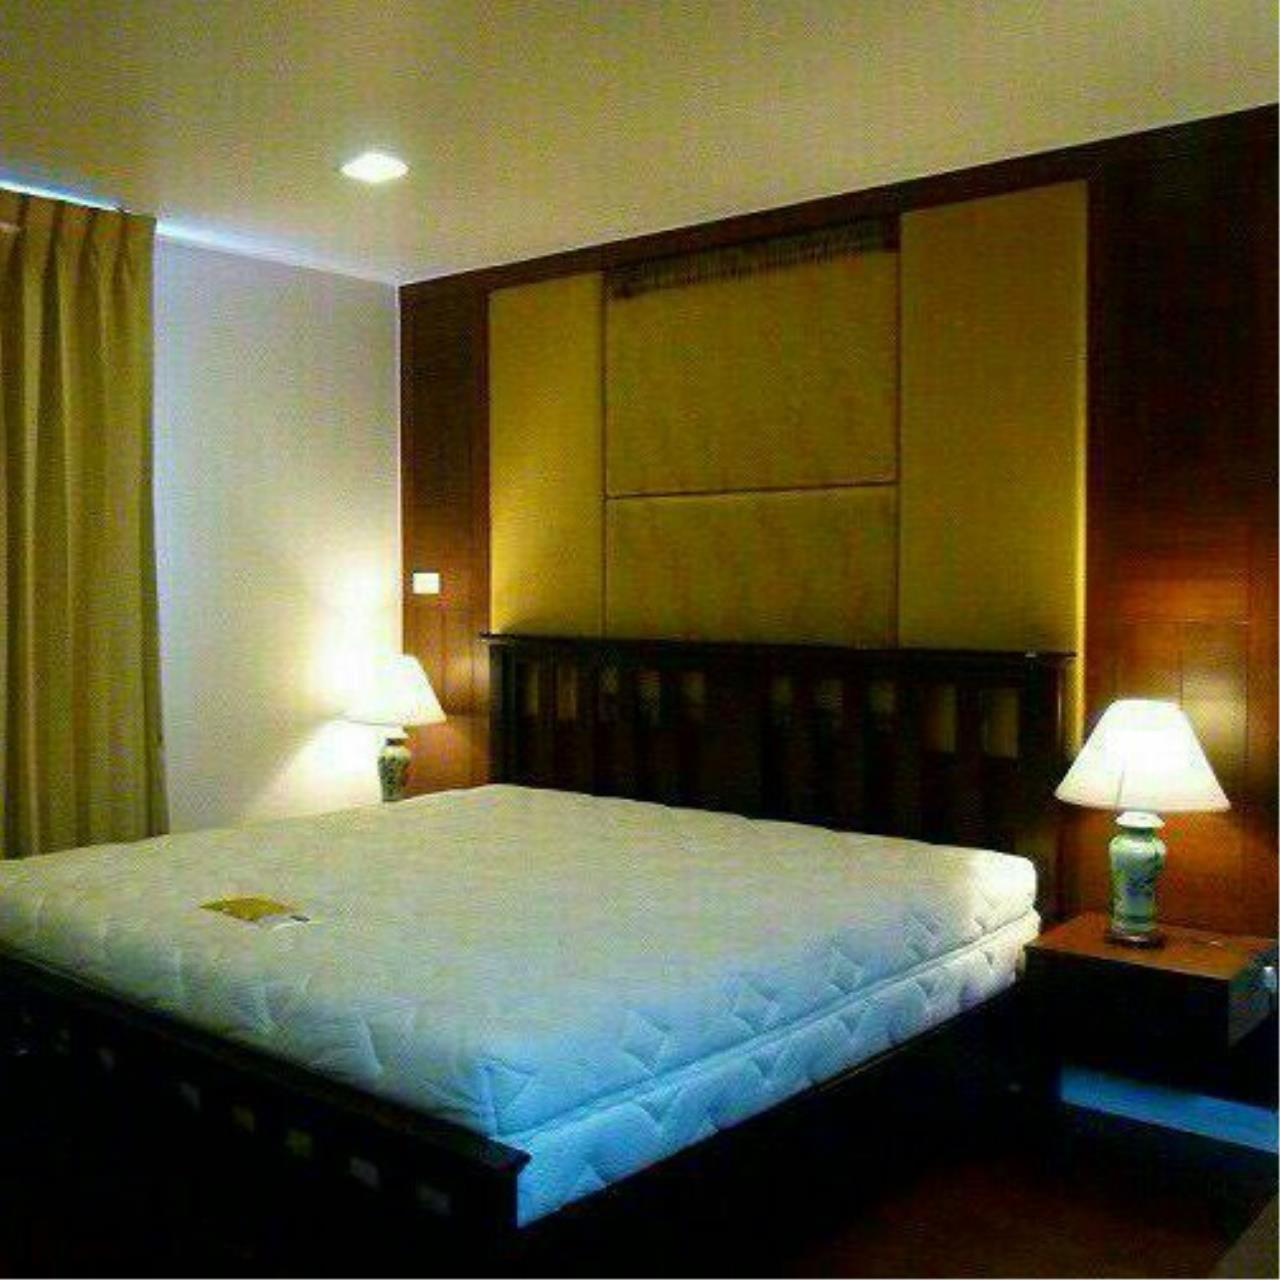 You Estate Agency's sale or rent 52000 area 80 sq.m 2 bed Prime Mansion sukhumvit 31 1